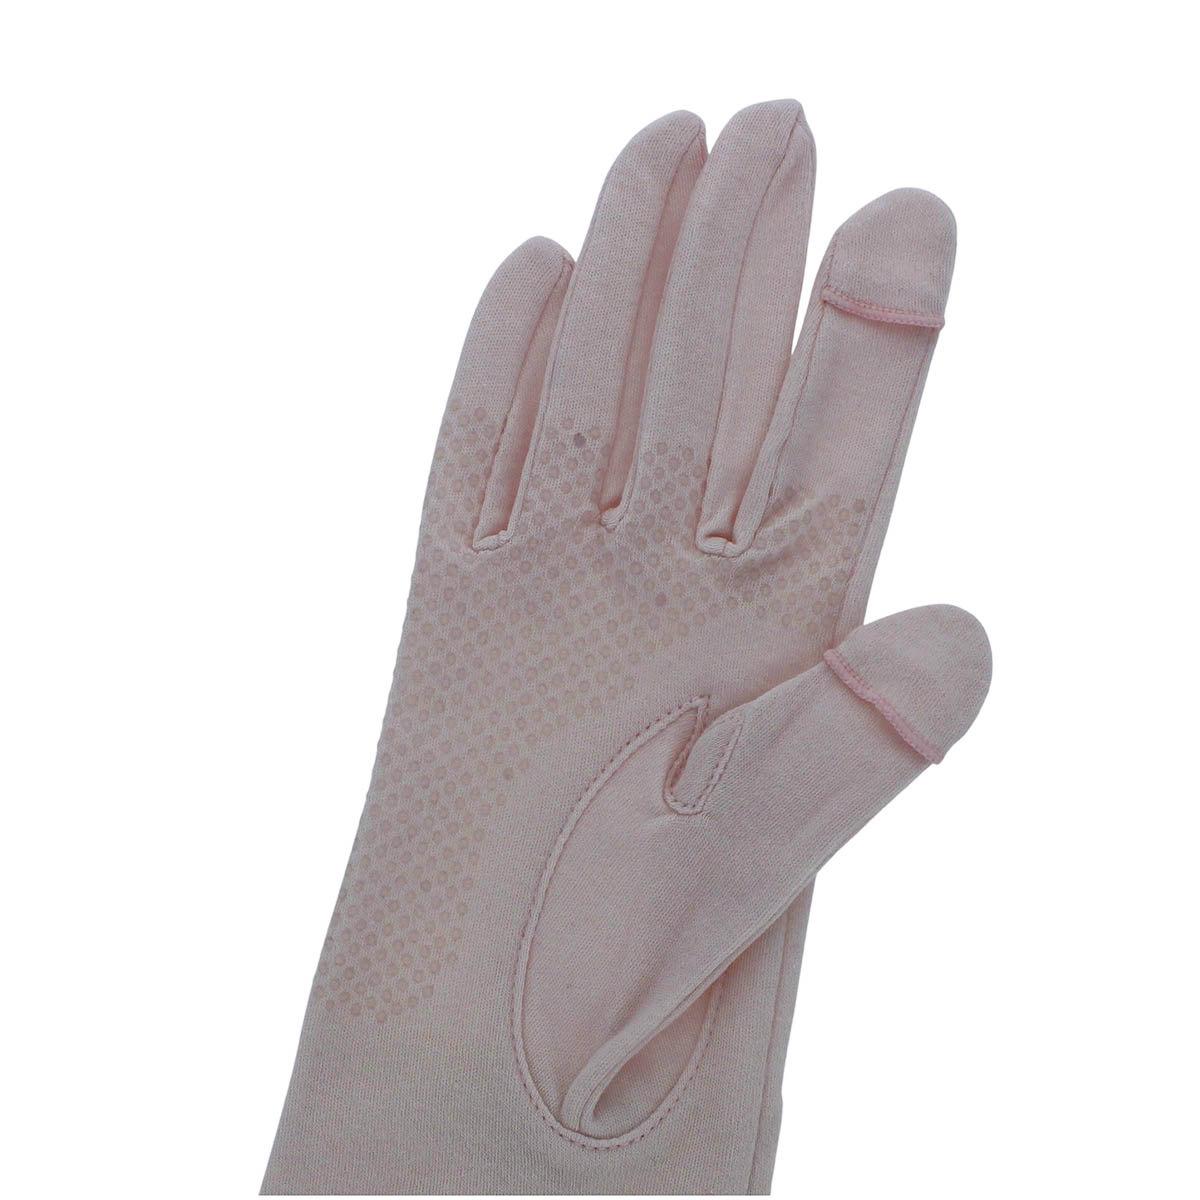 ローラアシュレイ レディース UV手袋 UVカット 紫外線対策 綿100% ショート丈 25cm 五本指 スマホ タッチパネル対応 指が出せる 滑りどめ付 プレゼント